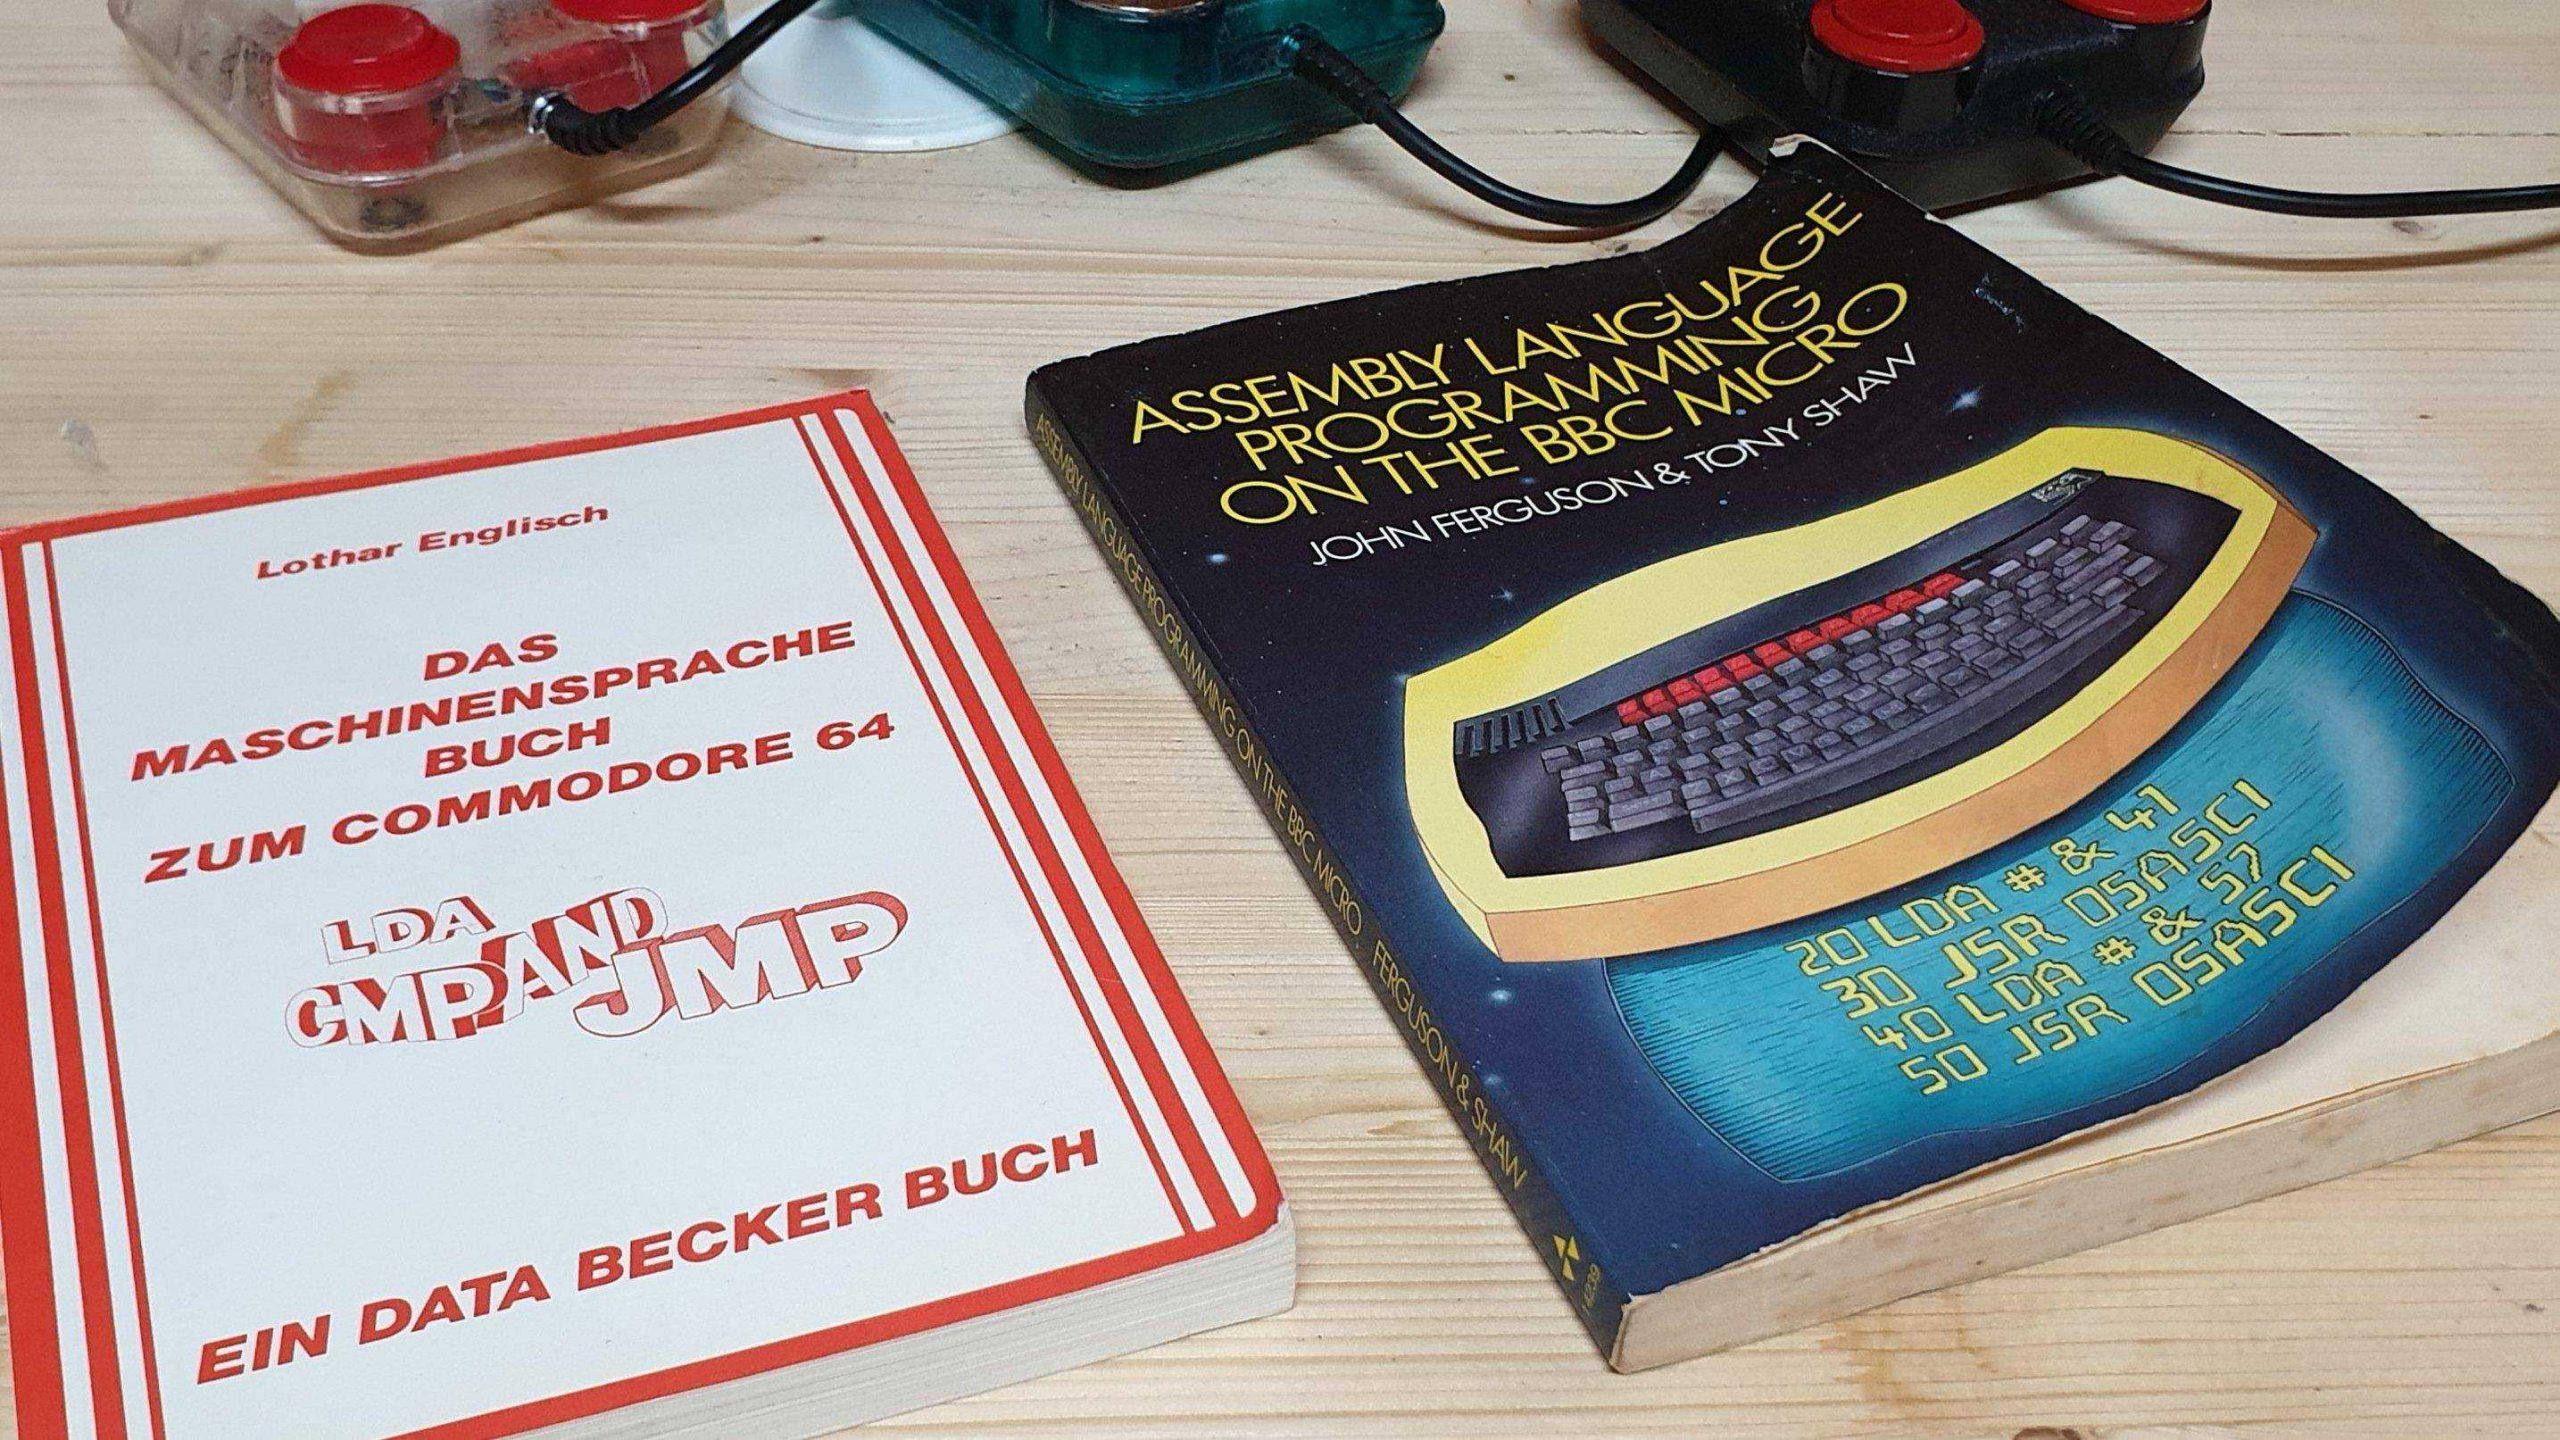 Zwei meiner C64 und BBC Micro Assembler Bücher. (Bild: Gerrit Ludwig)